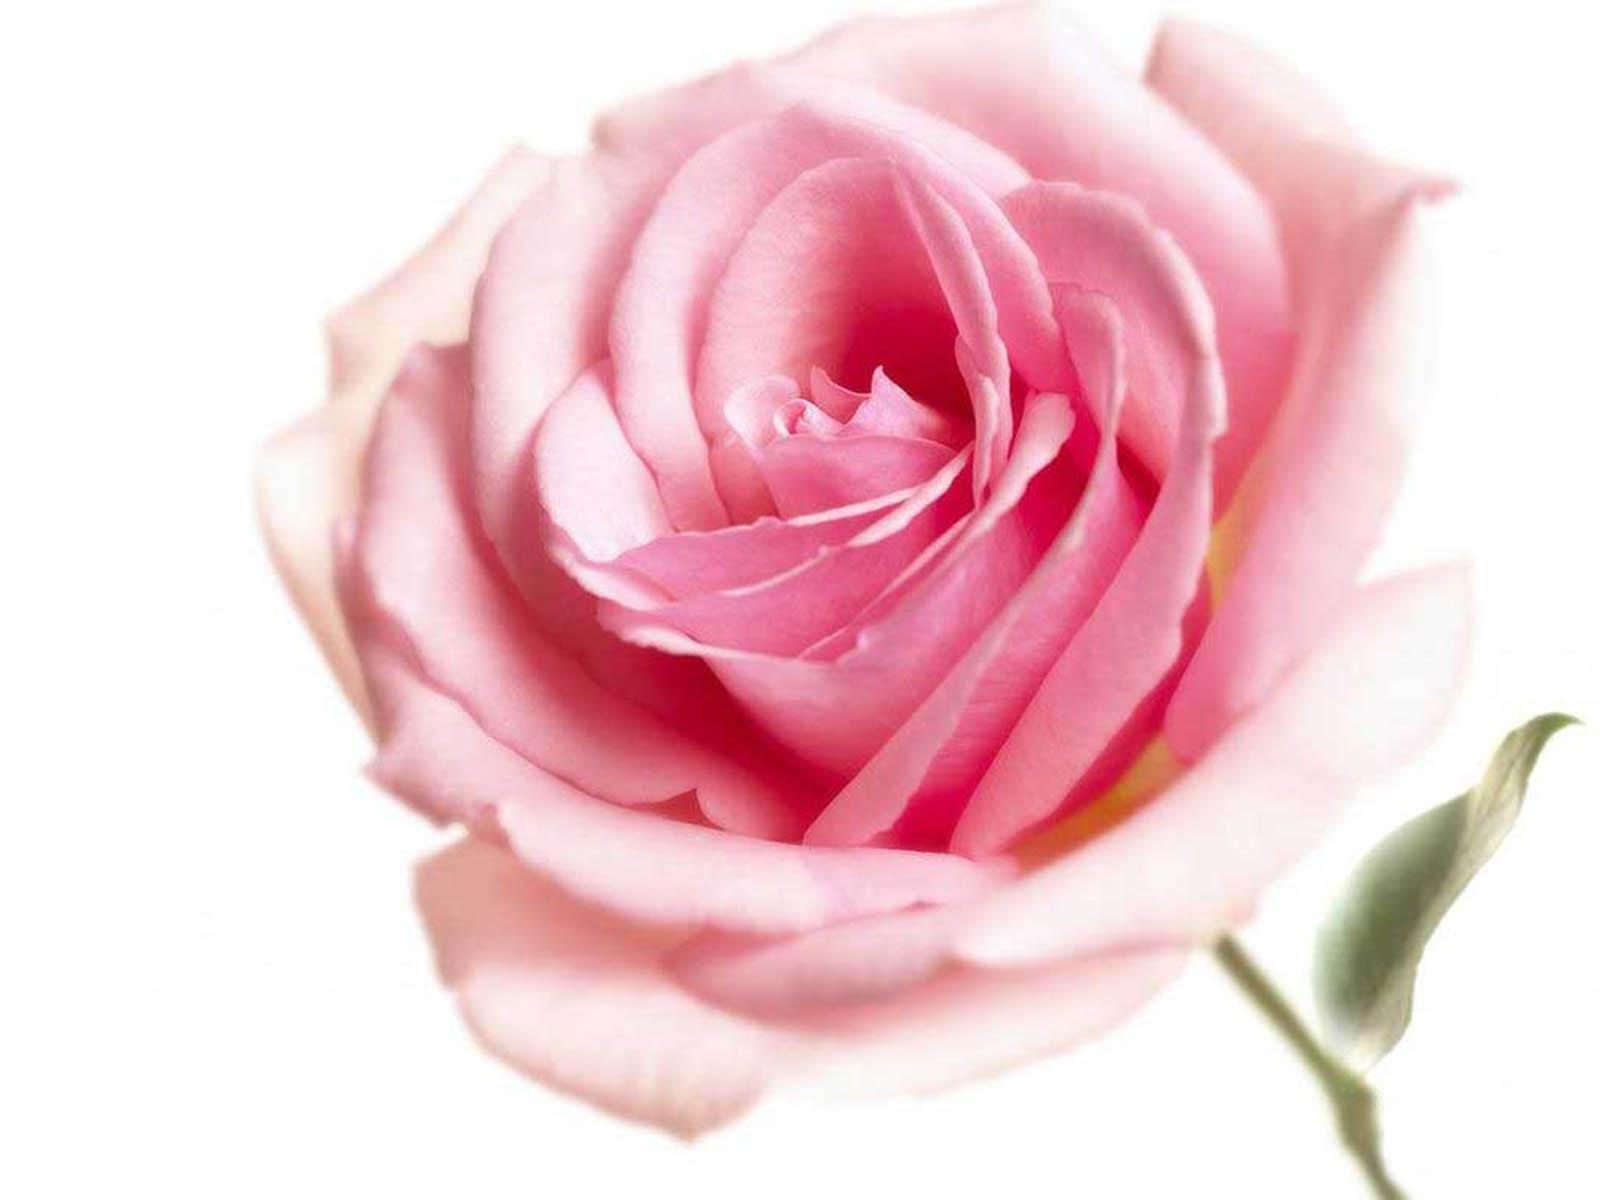 pink rose wallpapers pink rose desktop wallpapers pink rose desktop 1600x1200